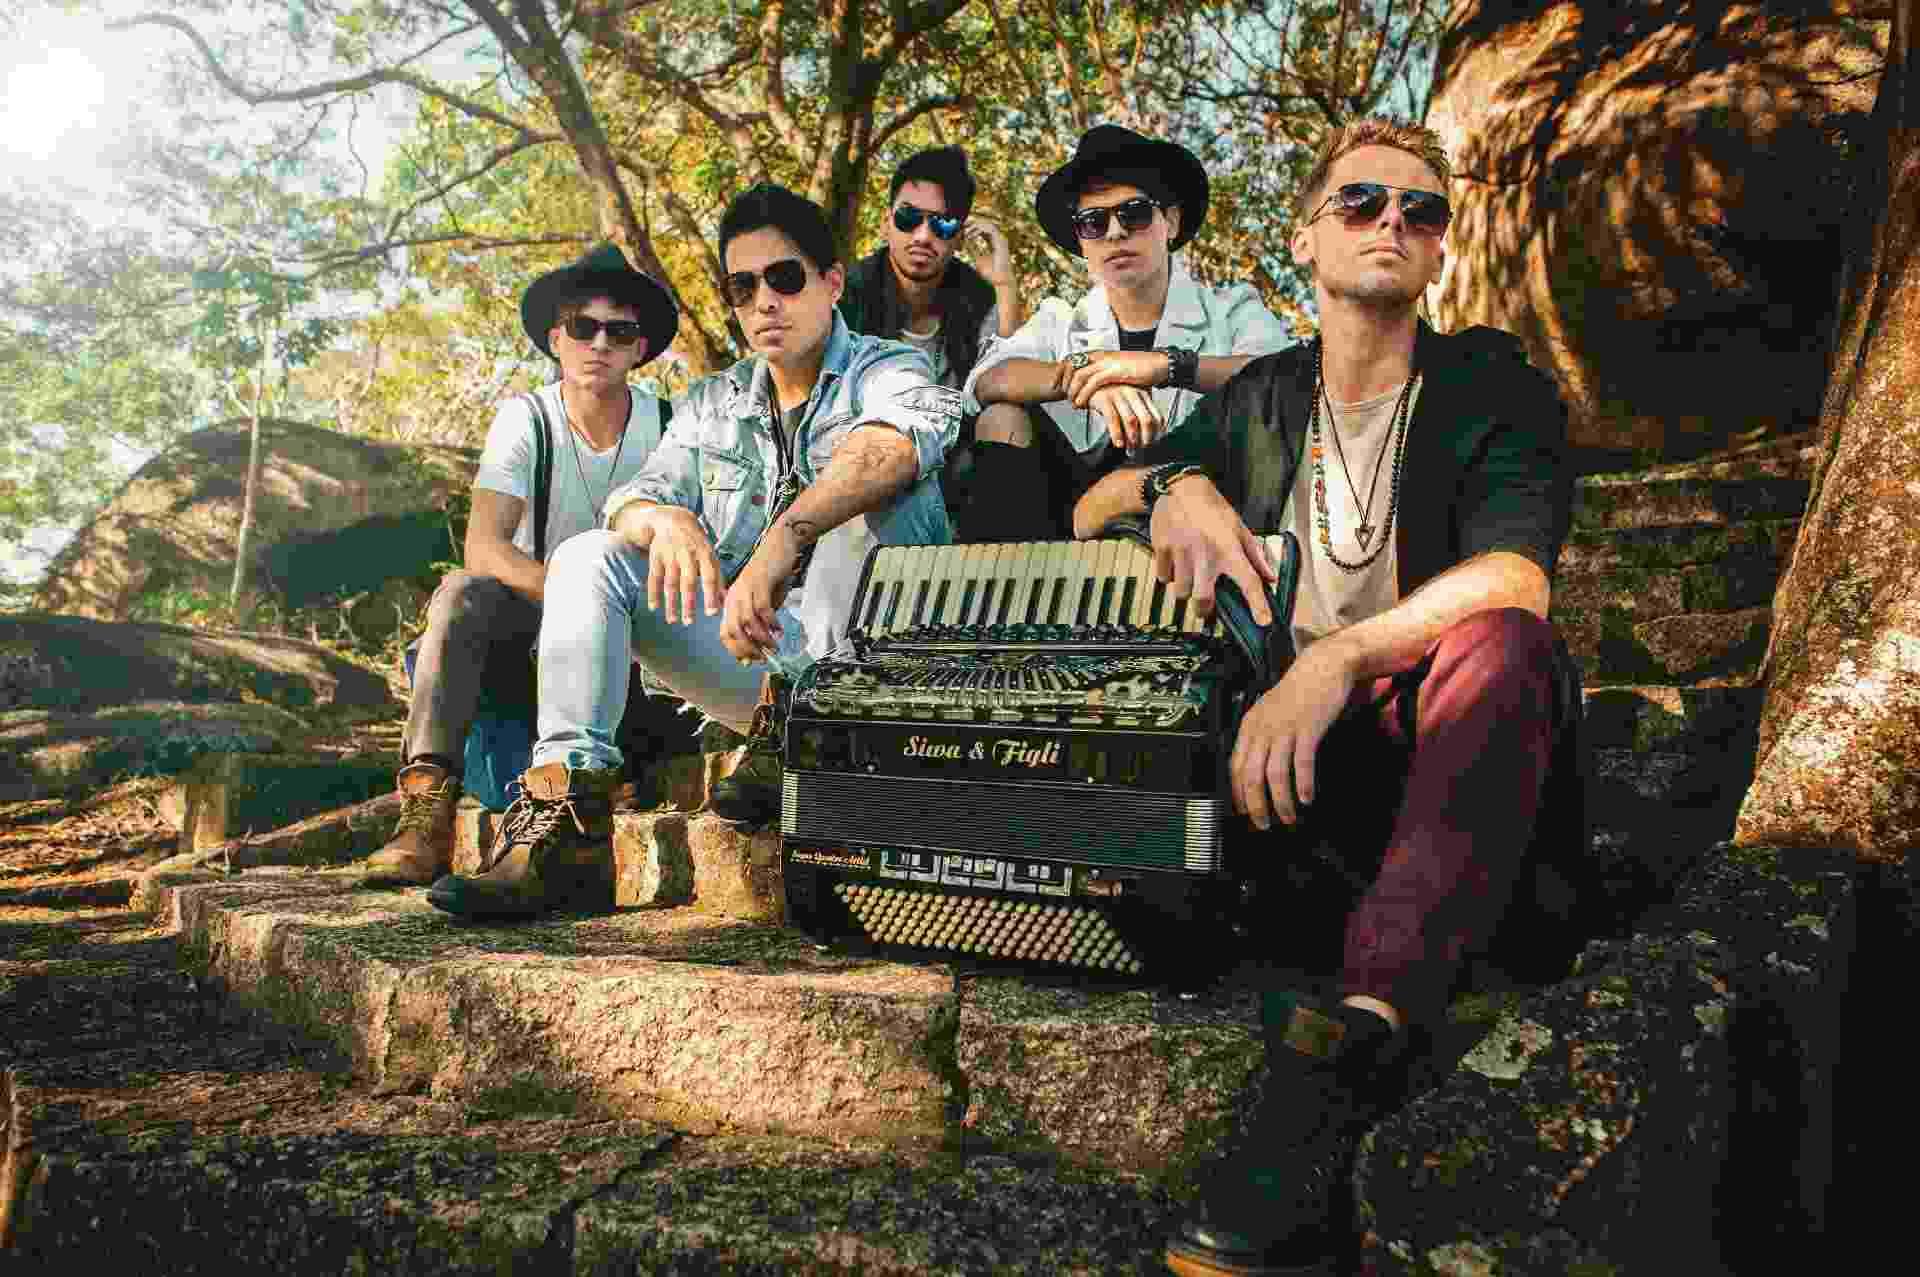 Os integrantes da banda Muranno: Diego Torres (voz), Tiago Kosta (guitarra e voz), Tom Solano (baterista), Viny Cavalcante (baixo e voz) e Lucas Moraes (sanfoneiro) - Divulgação